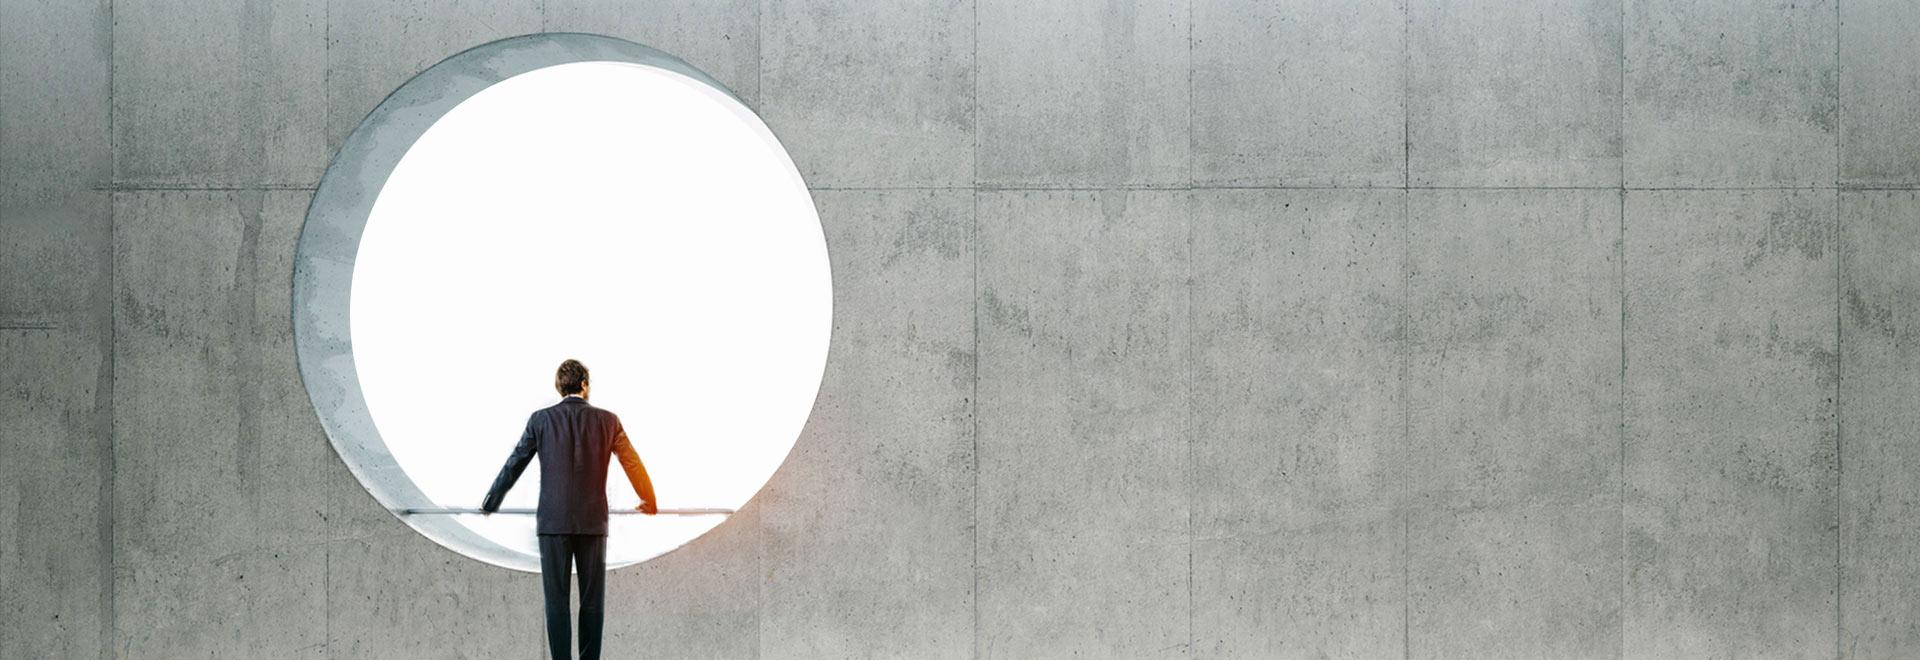 DeWo Werbeagentur-kreativ&engagiert seit 1998